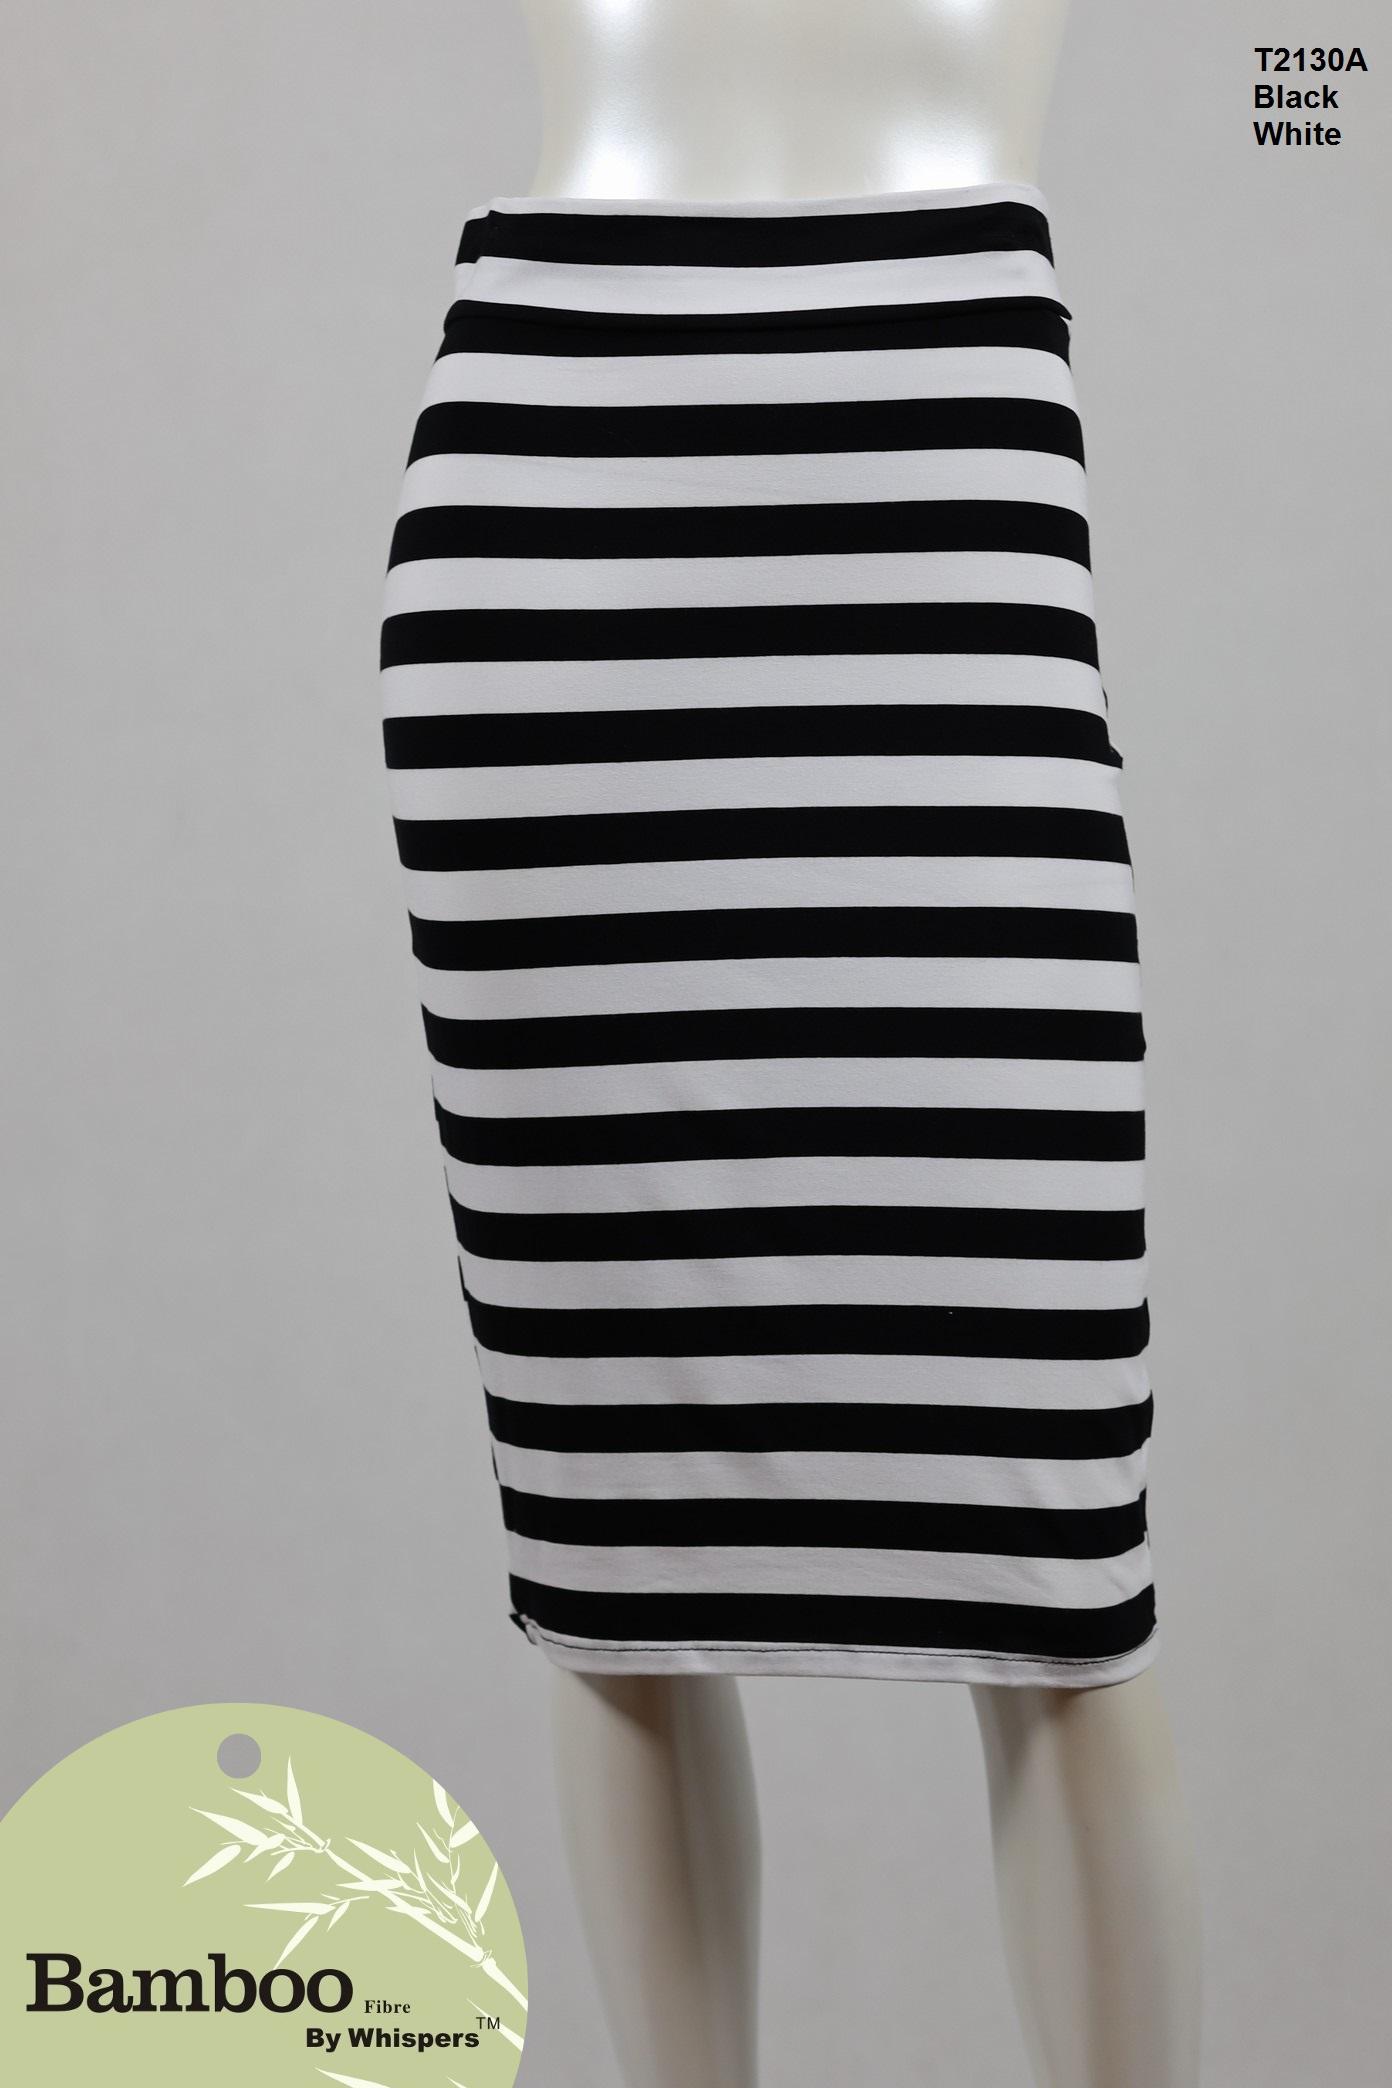 T2130A-Bamboo Skirt-Black White.JPG